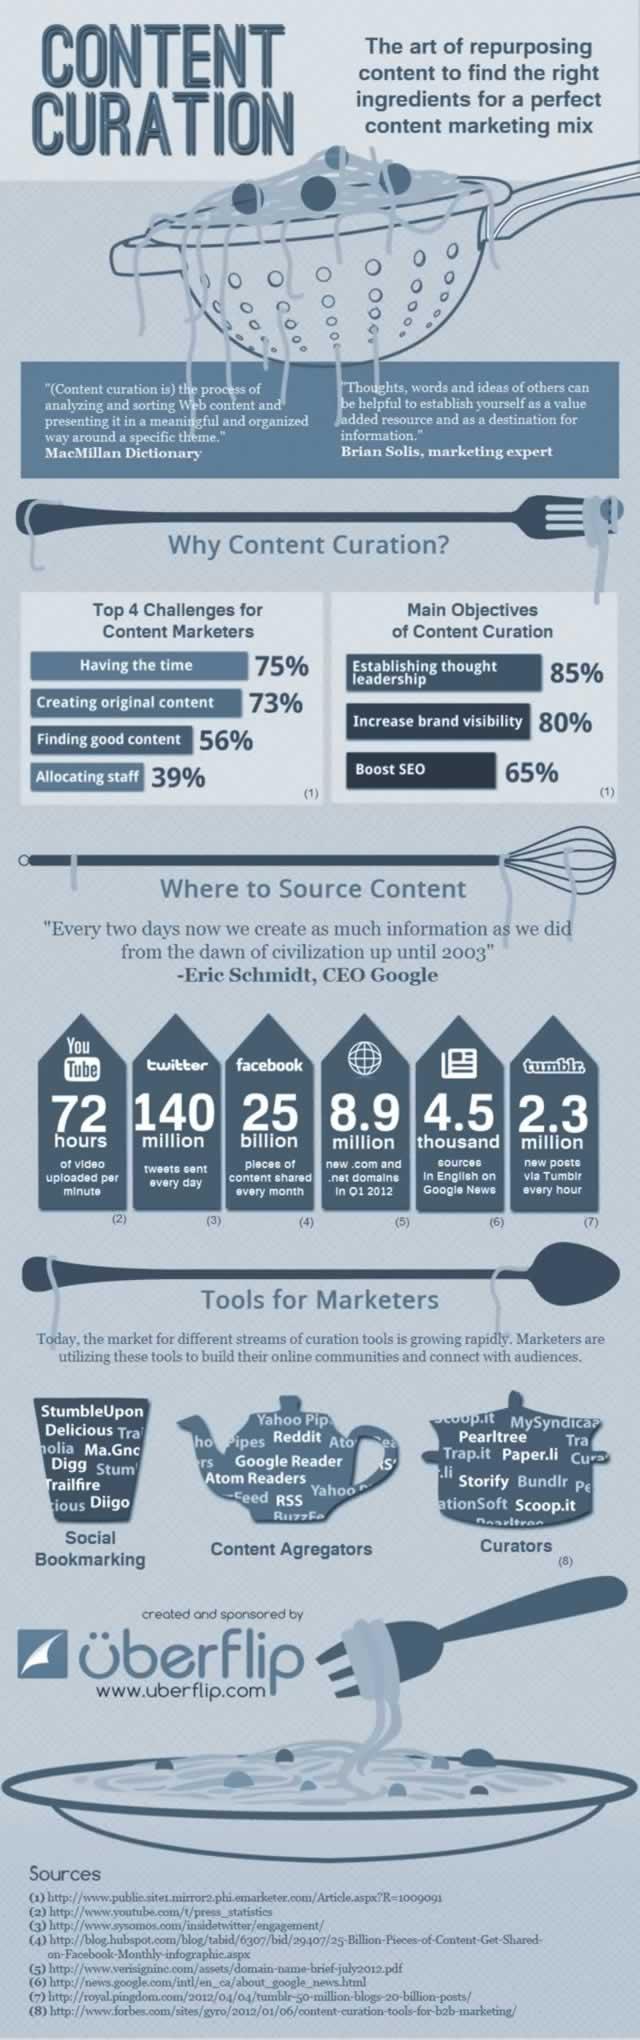 La curation nouvelle pratique web marketing